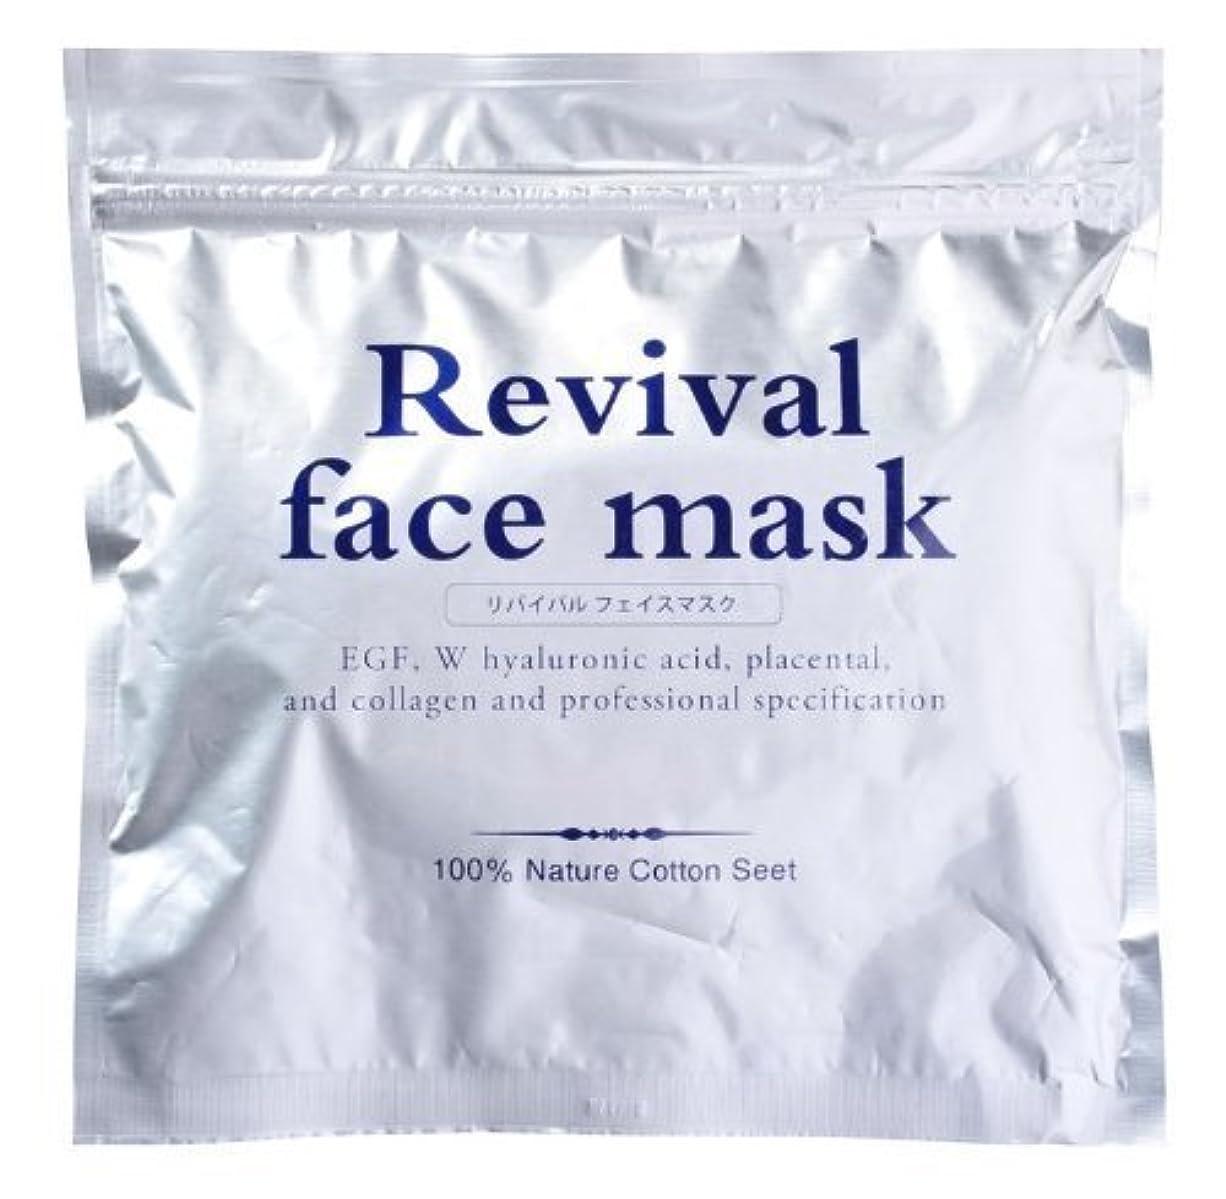 テメリティ滑りやすいあいまいなリバイバル フェイスマスク 30枚